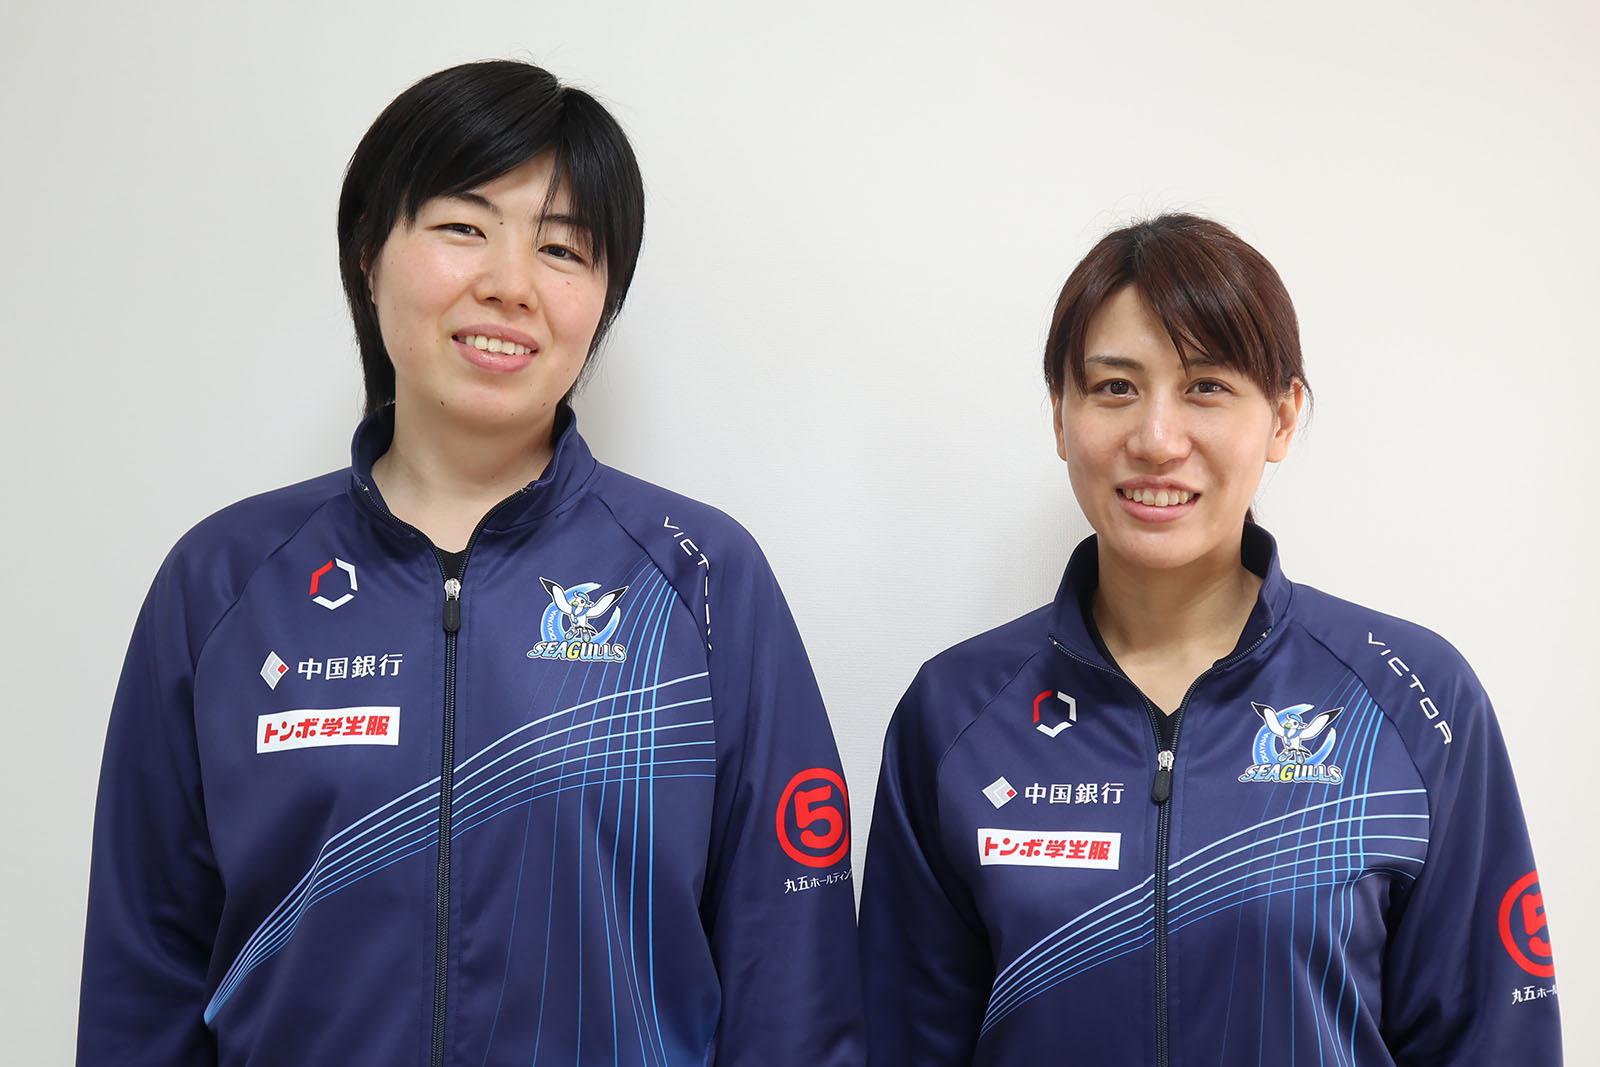 20200508yoshidasasaki_s.JPG